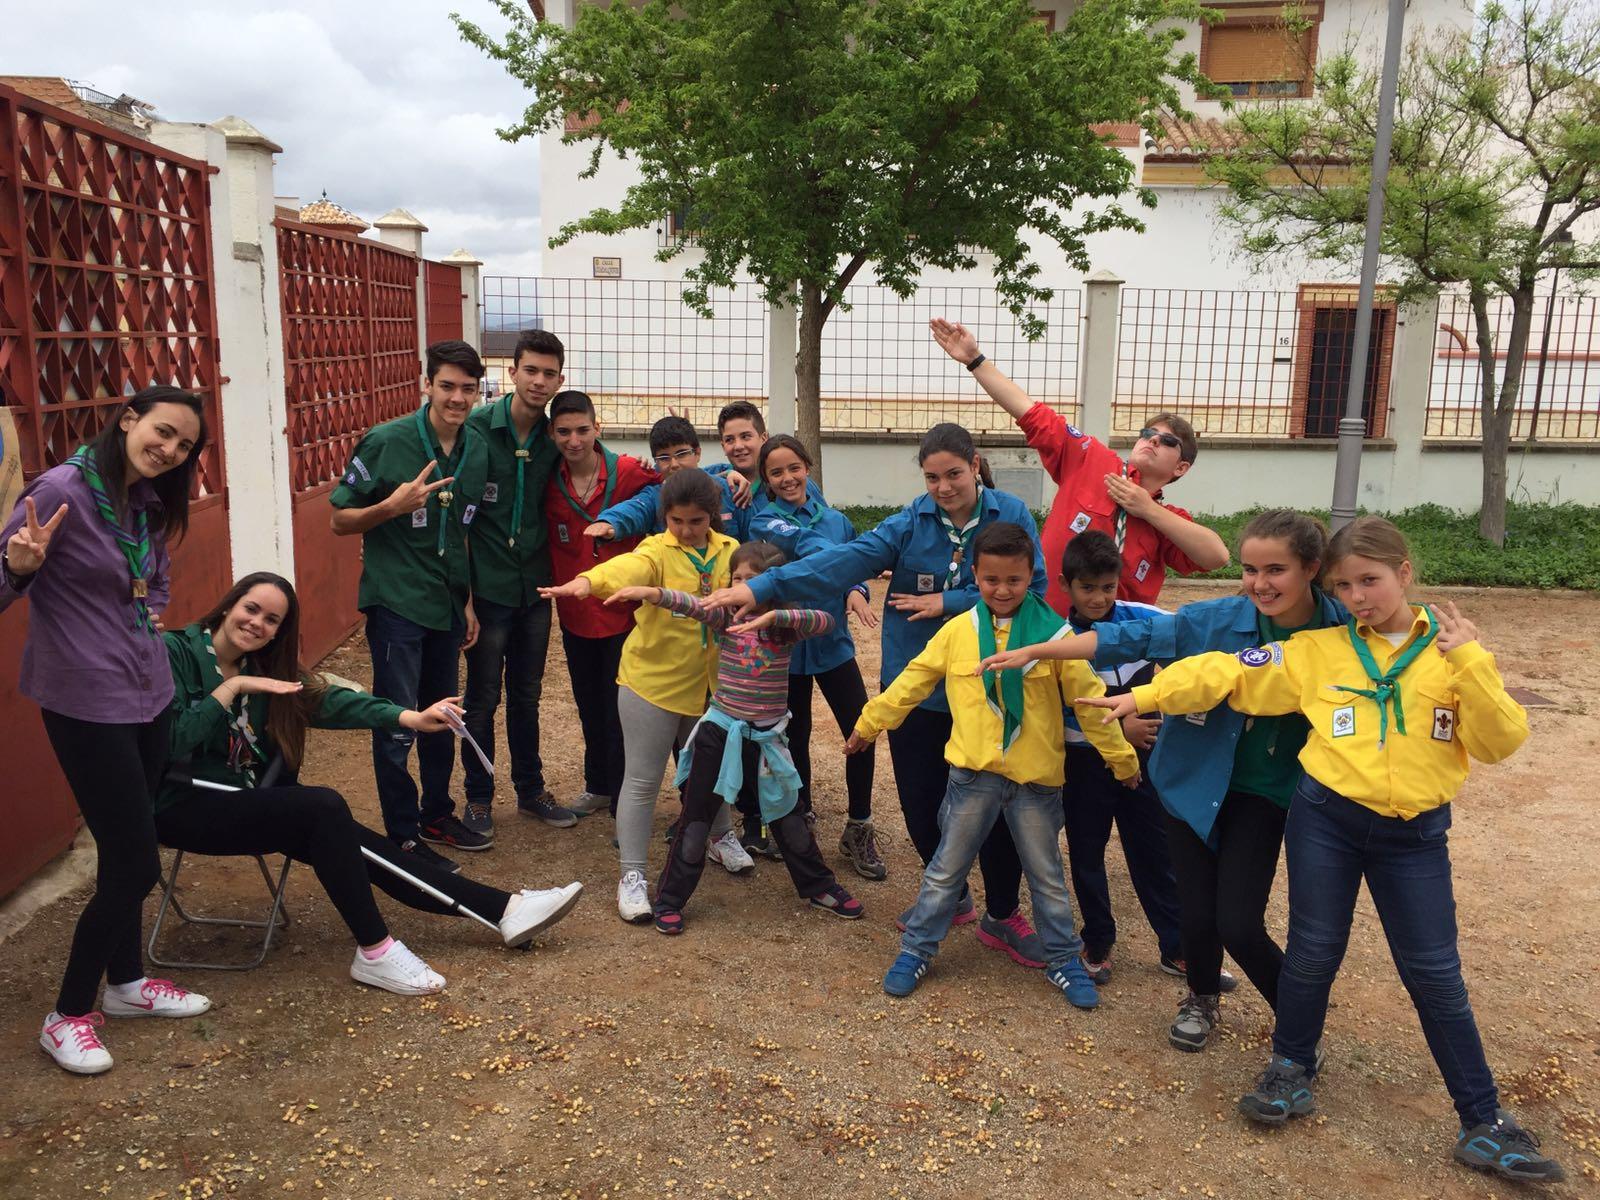 Grupo - Gójar 12 - 15-16